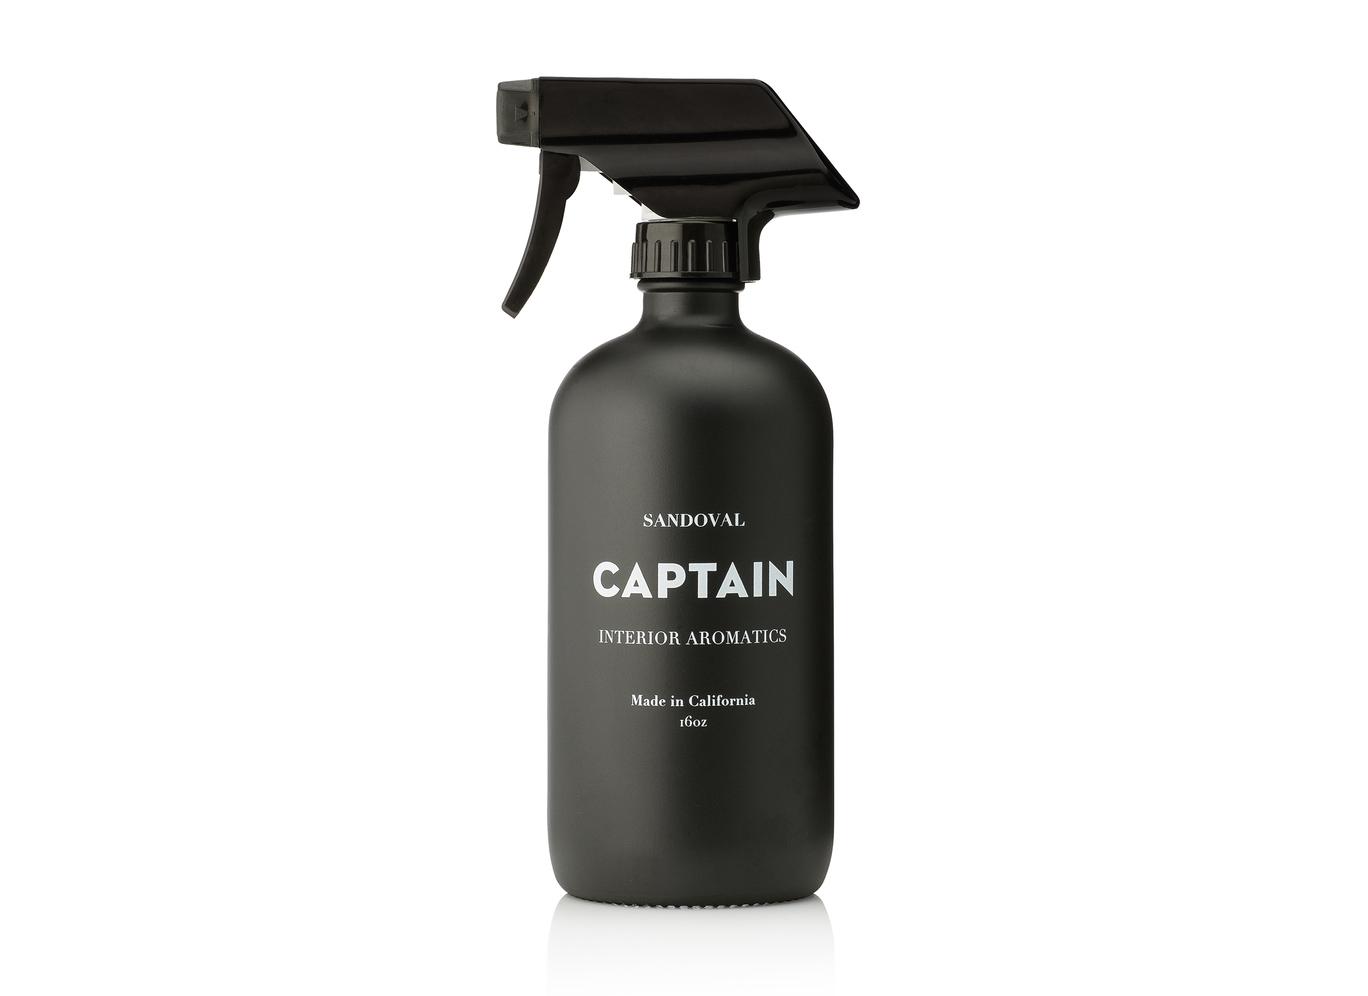 Room spray: Sandoval Interior Aromatic in Captain